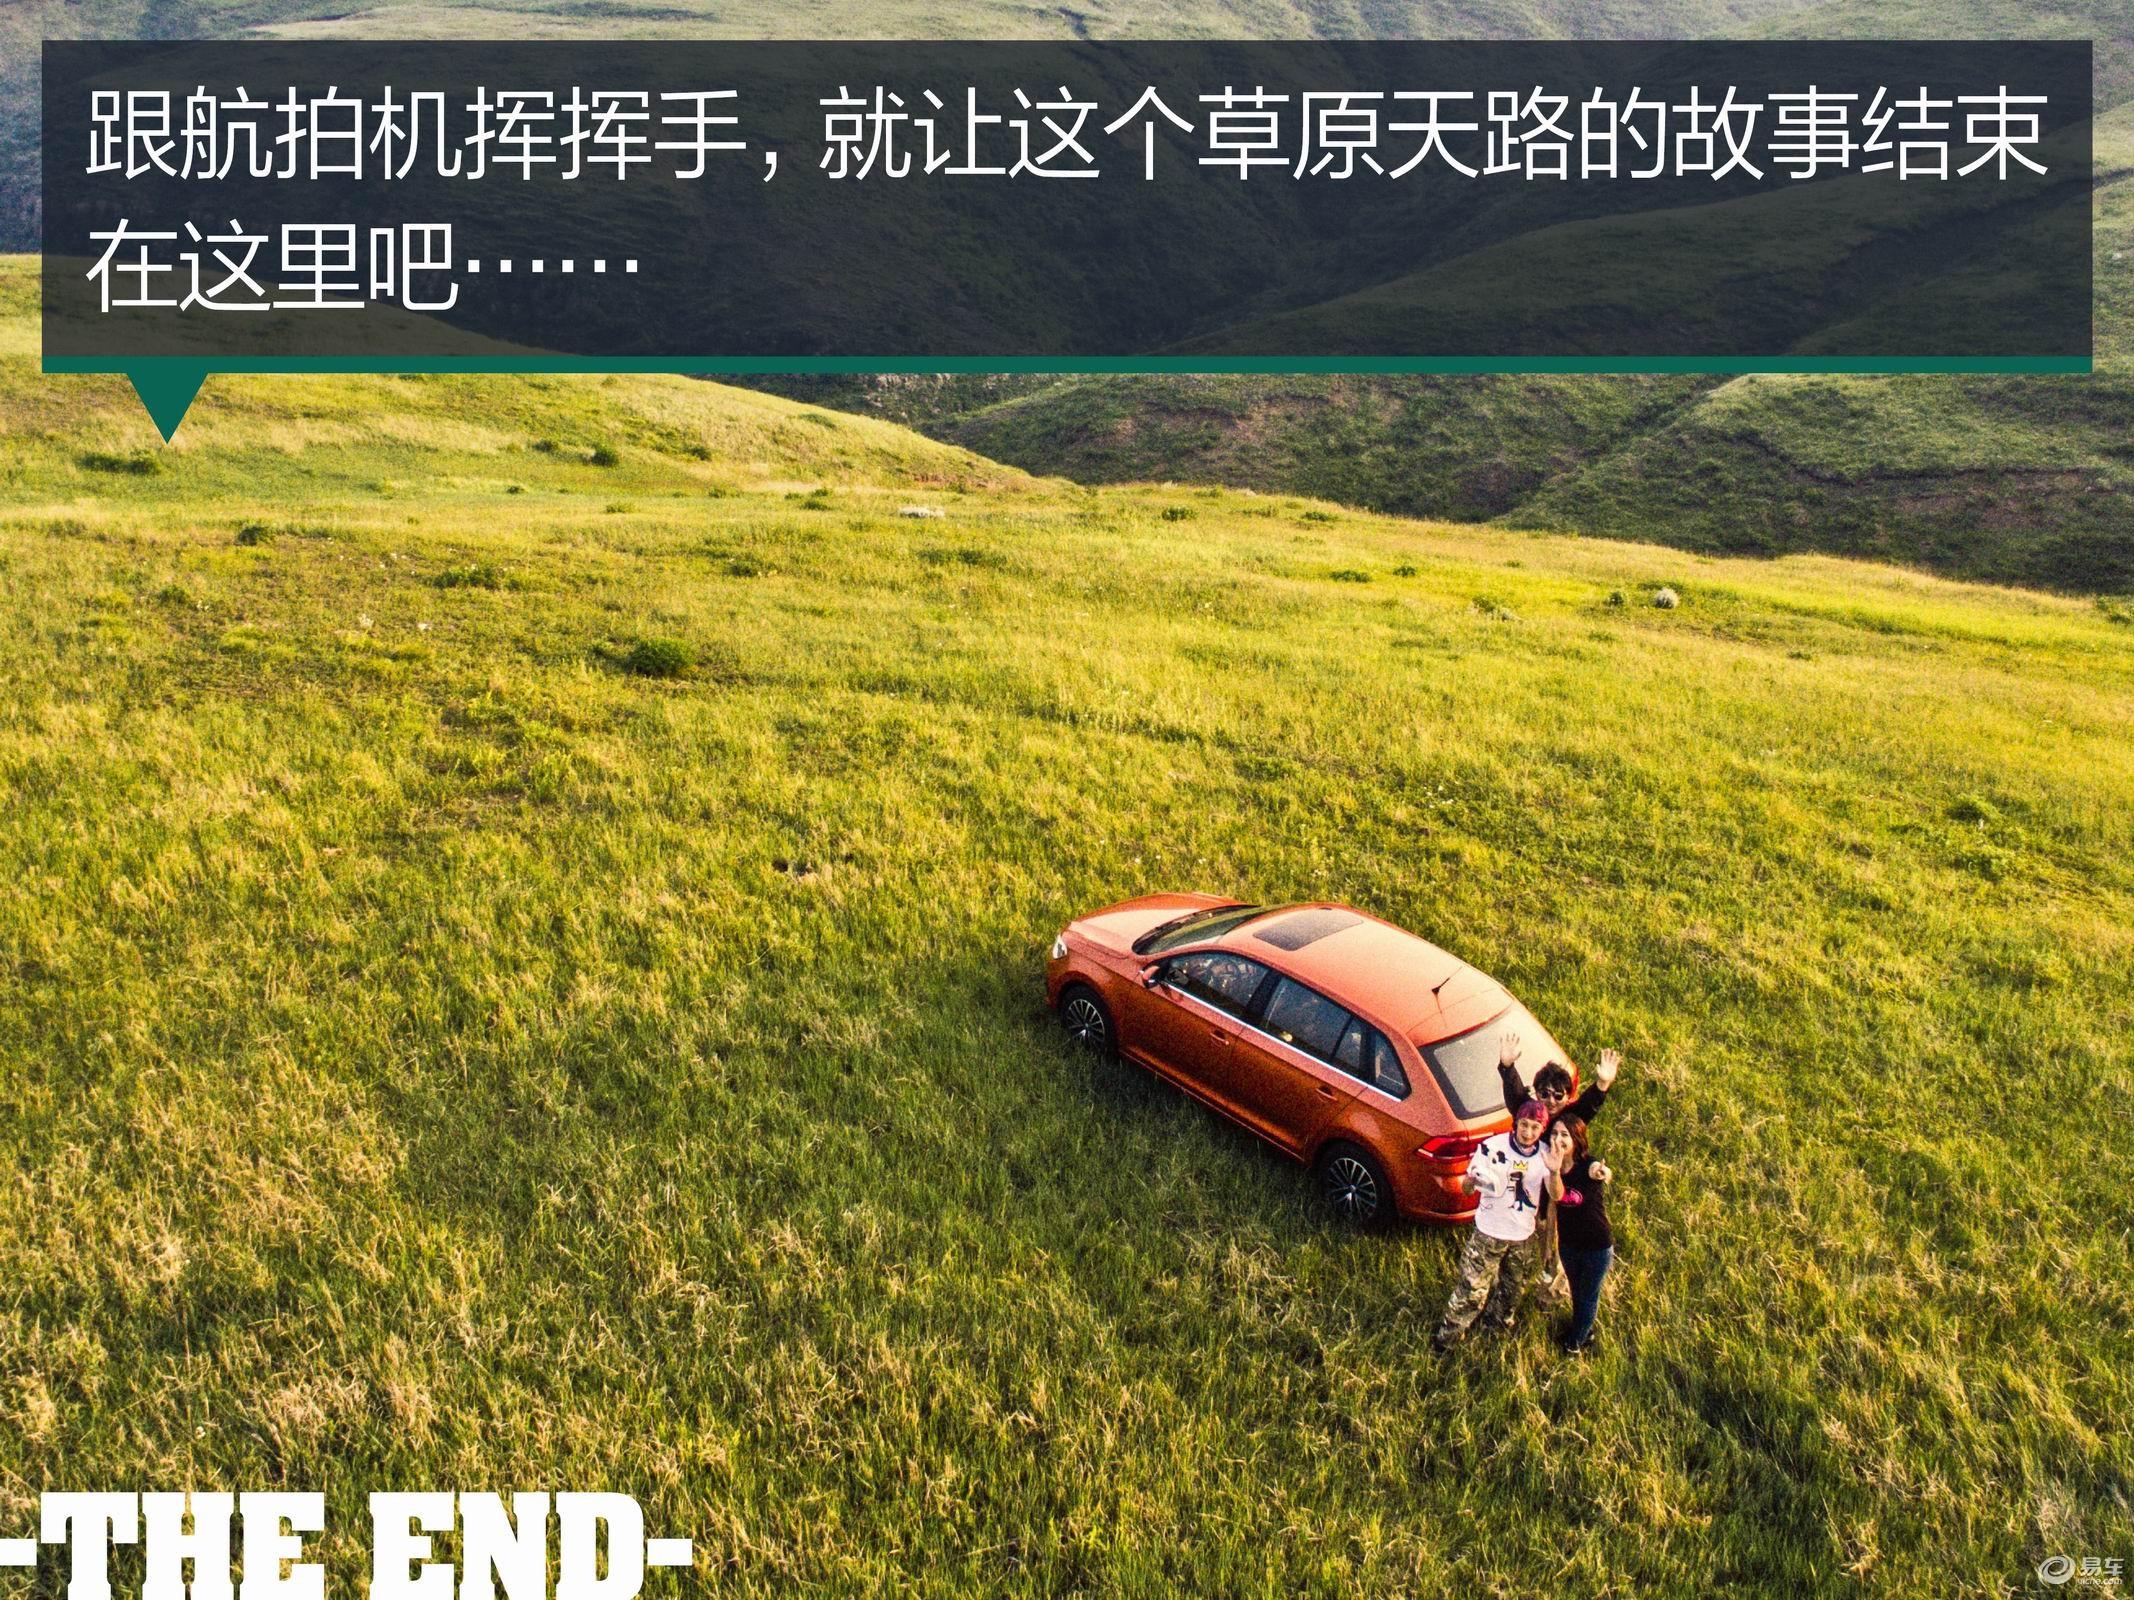 是摄影师张远为上海大众桑塔纳浩纳拍摄的航拍短片